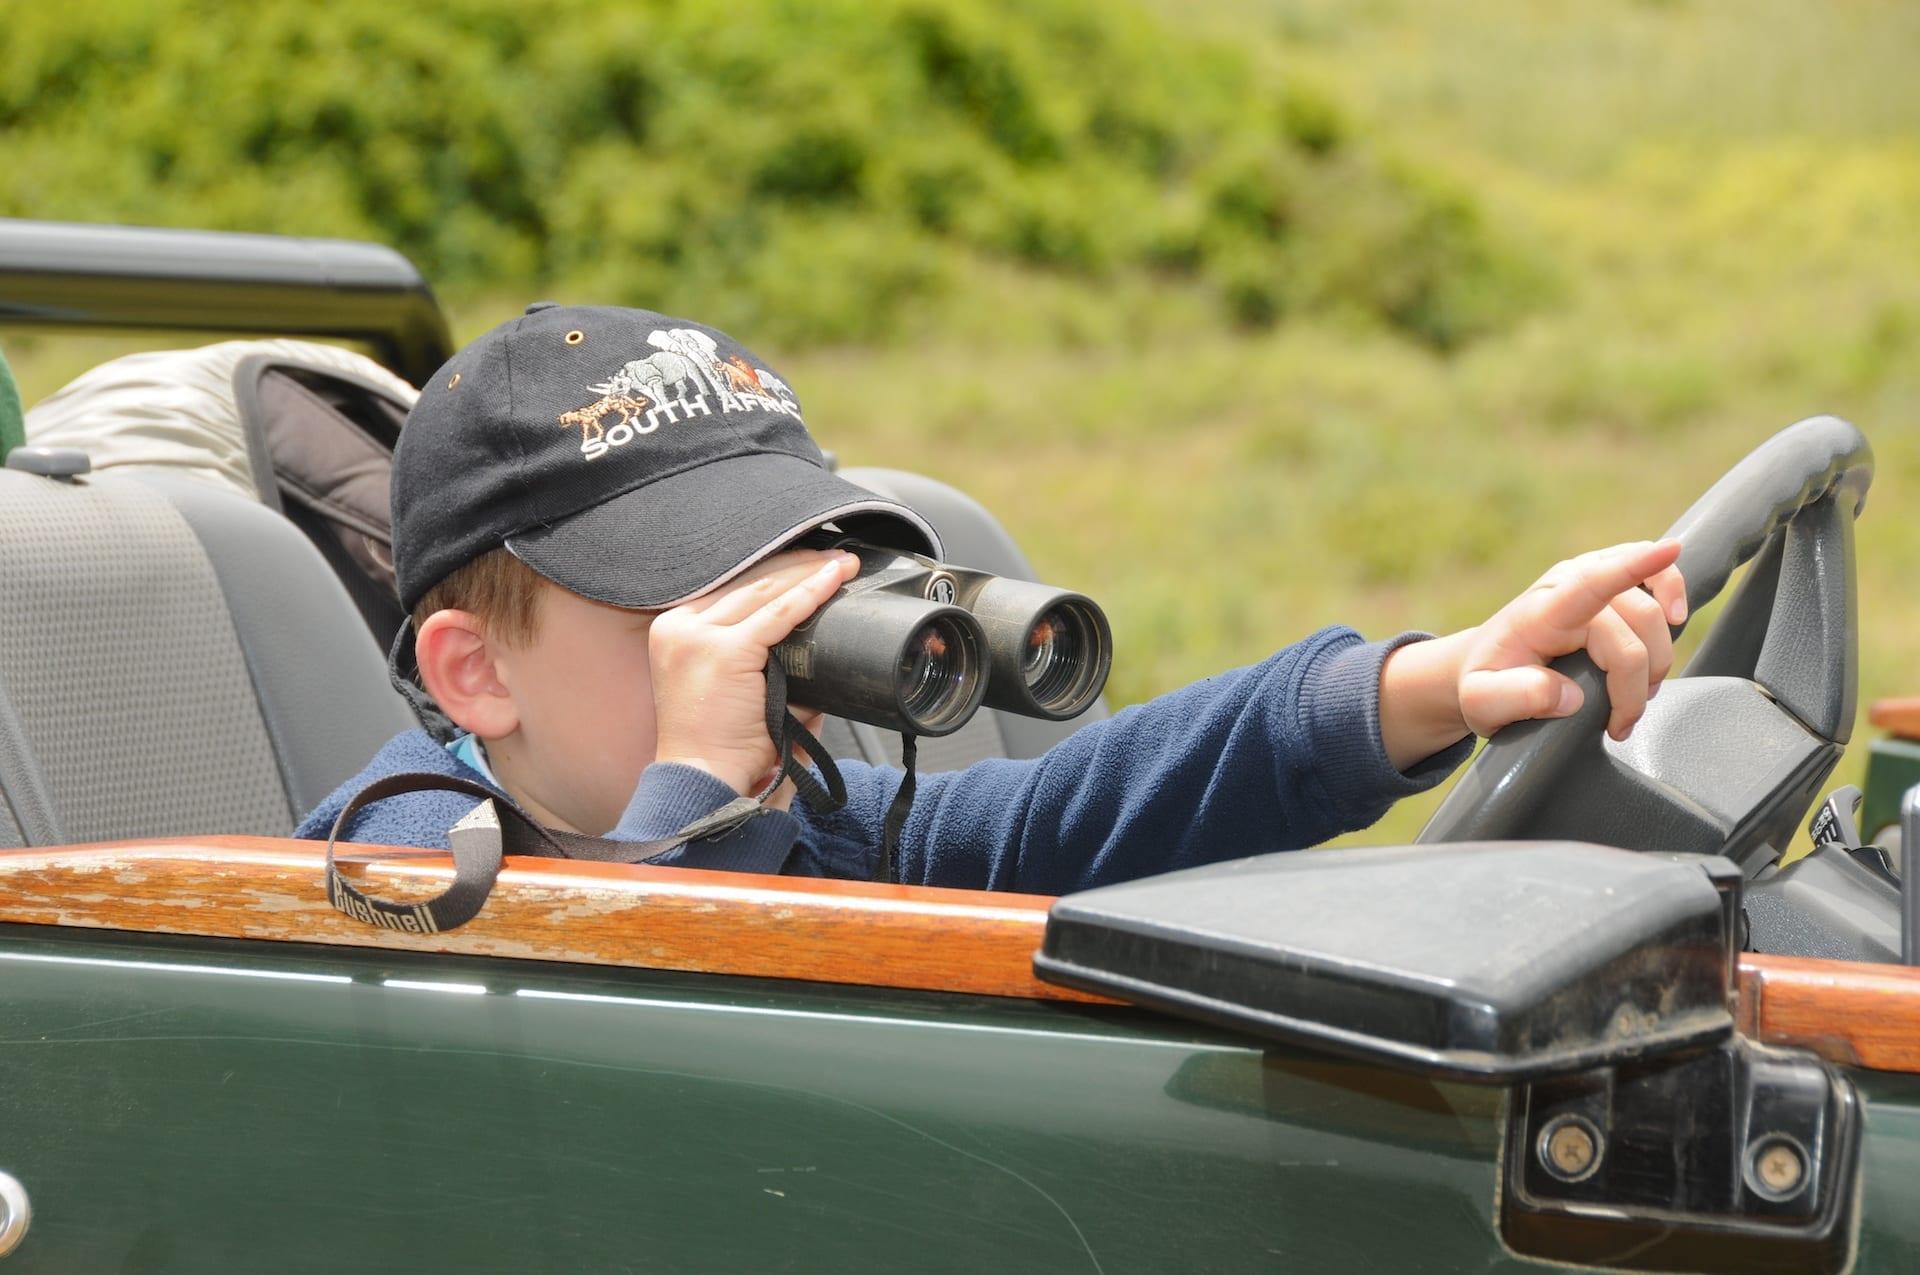 # FOTO - ZA - Kariega - kind met verrekijker - 2011